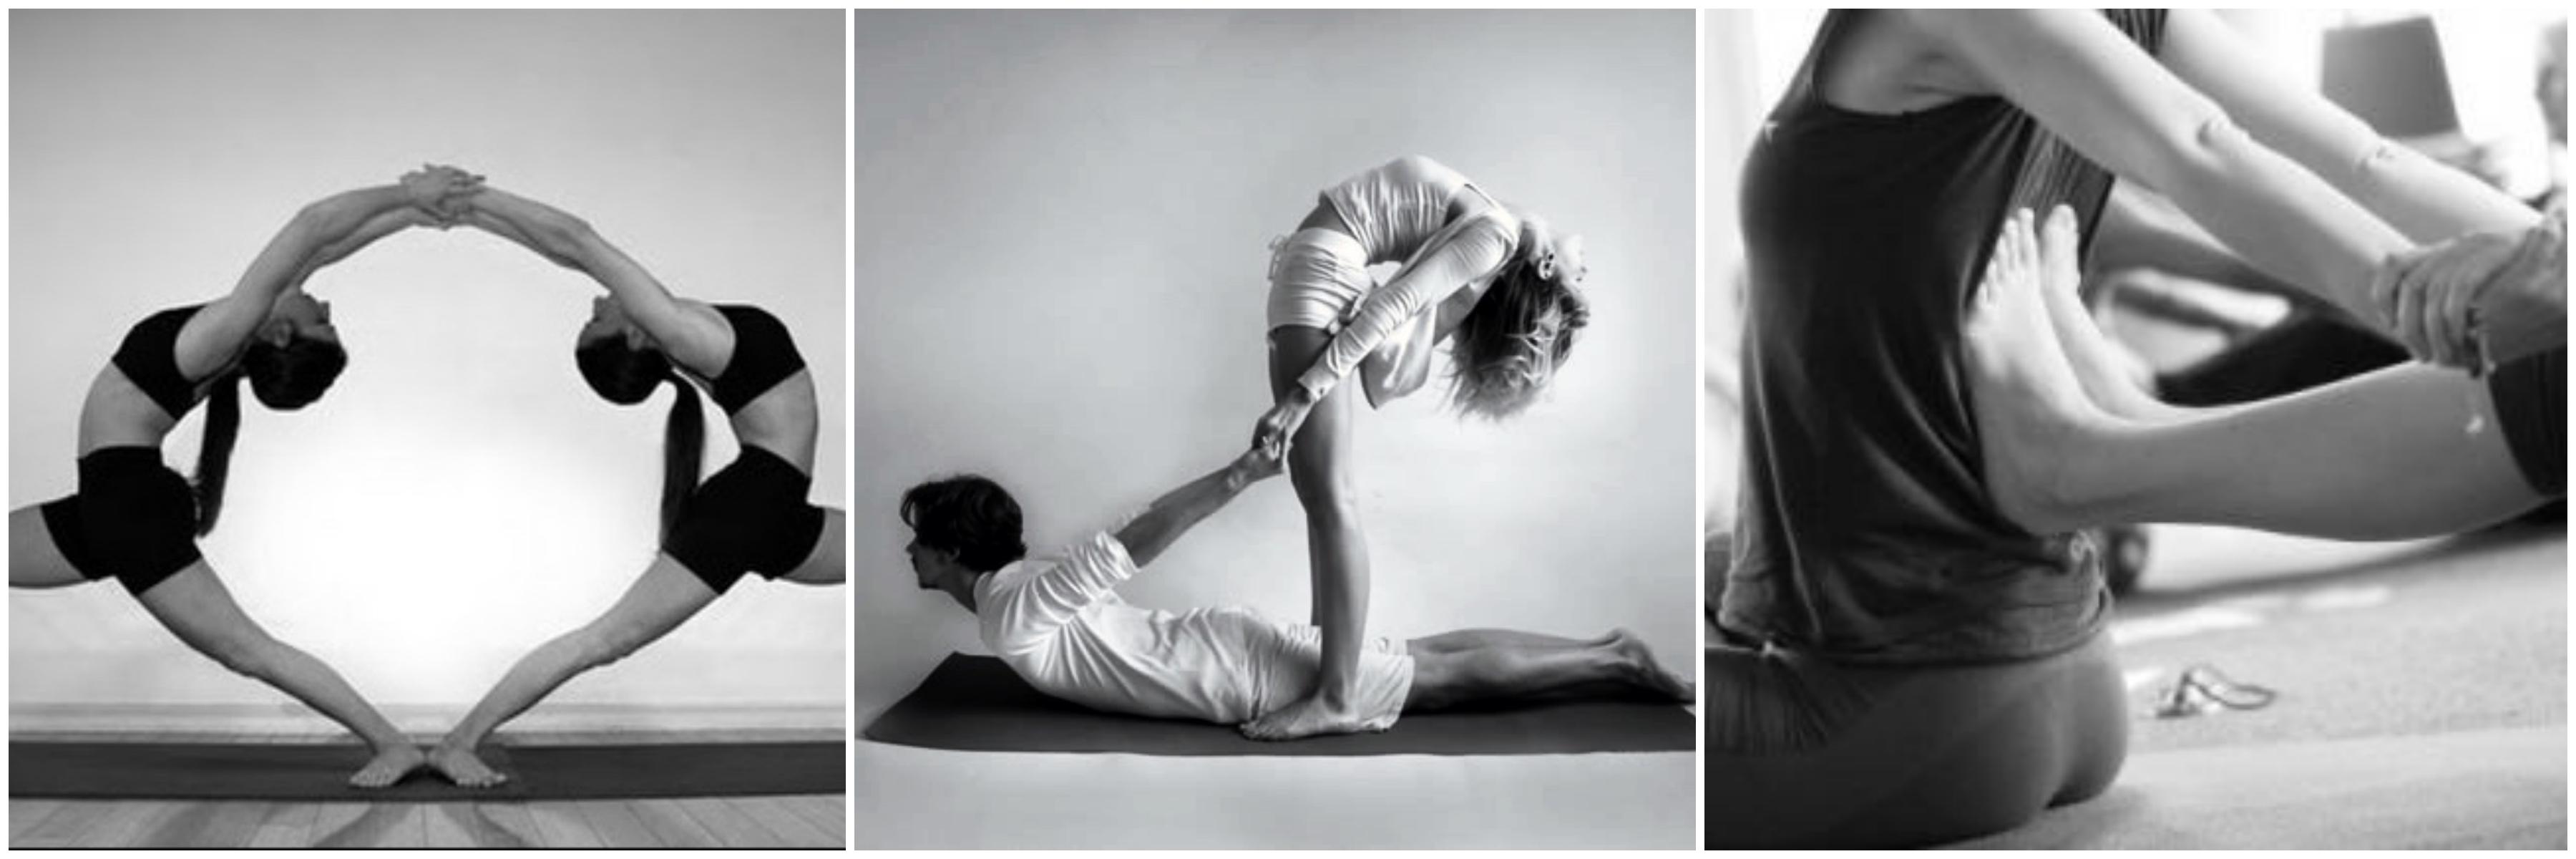 Joga Porose ir Thai masažas [event]